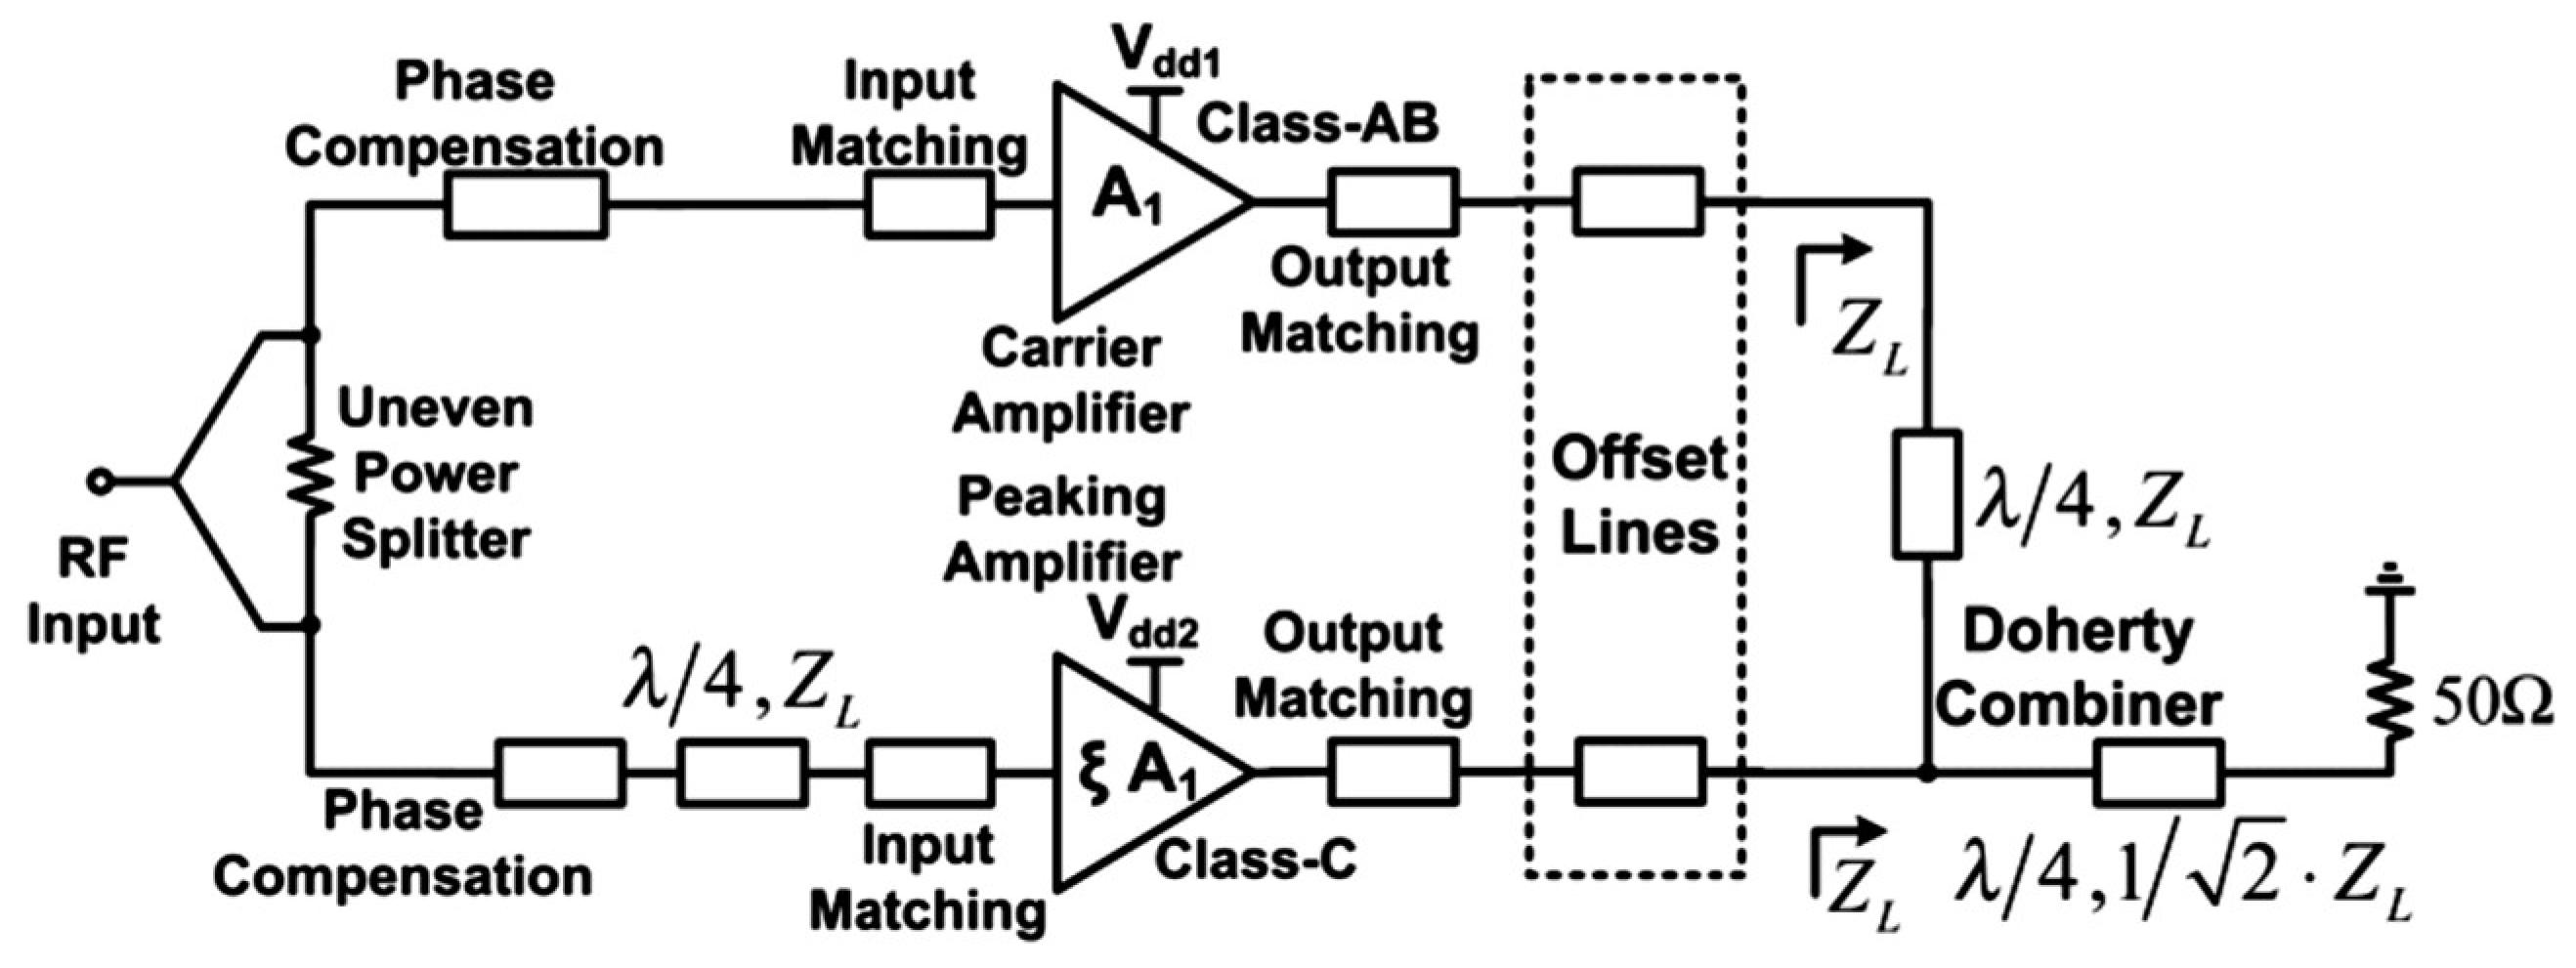 Tda2030 Bridge Subwoofer Amplifier - Pcb Circuits